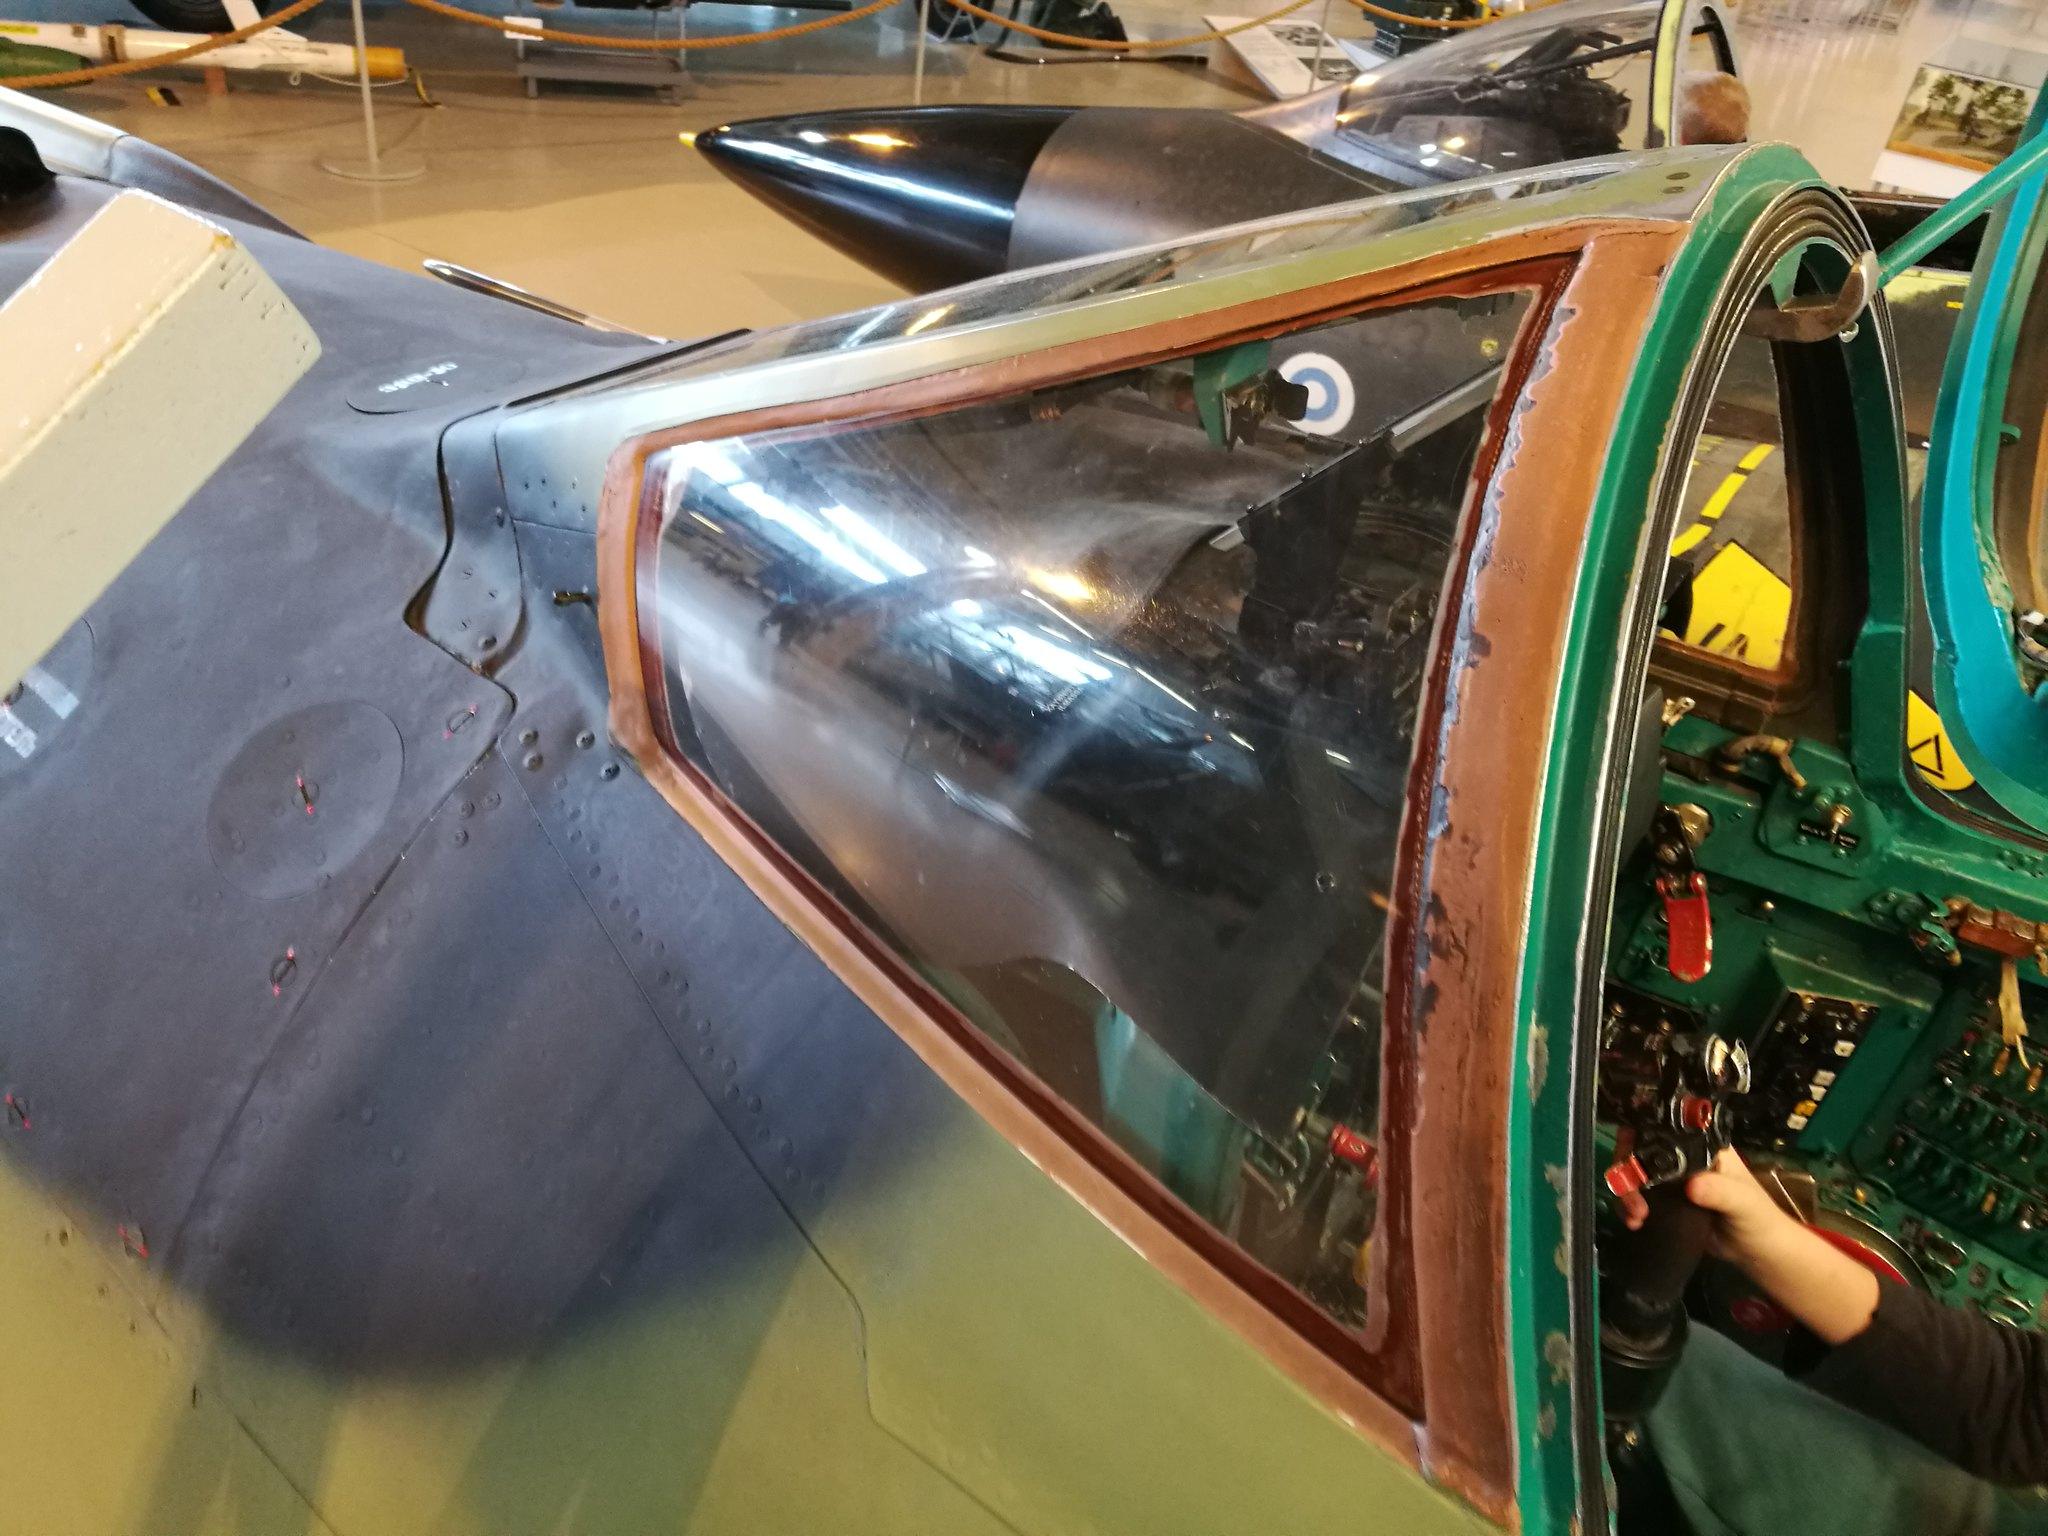 Hemkommen från semester i Finland med utflykt till Finlands Flygvapenmuseum. 48287369461_97a847a3e5_k